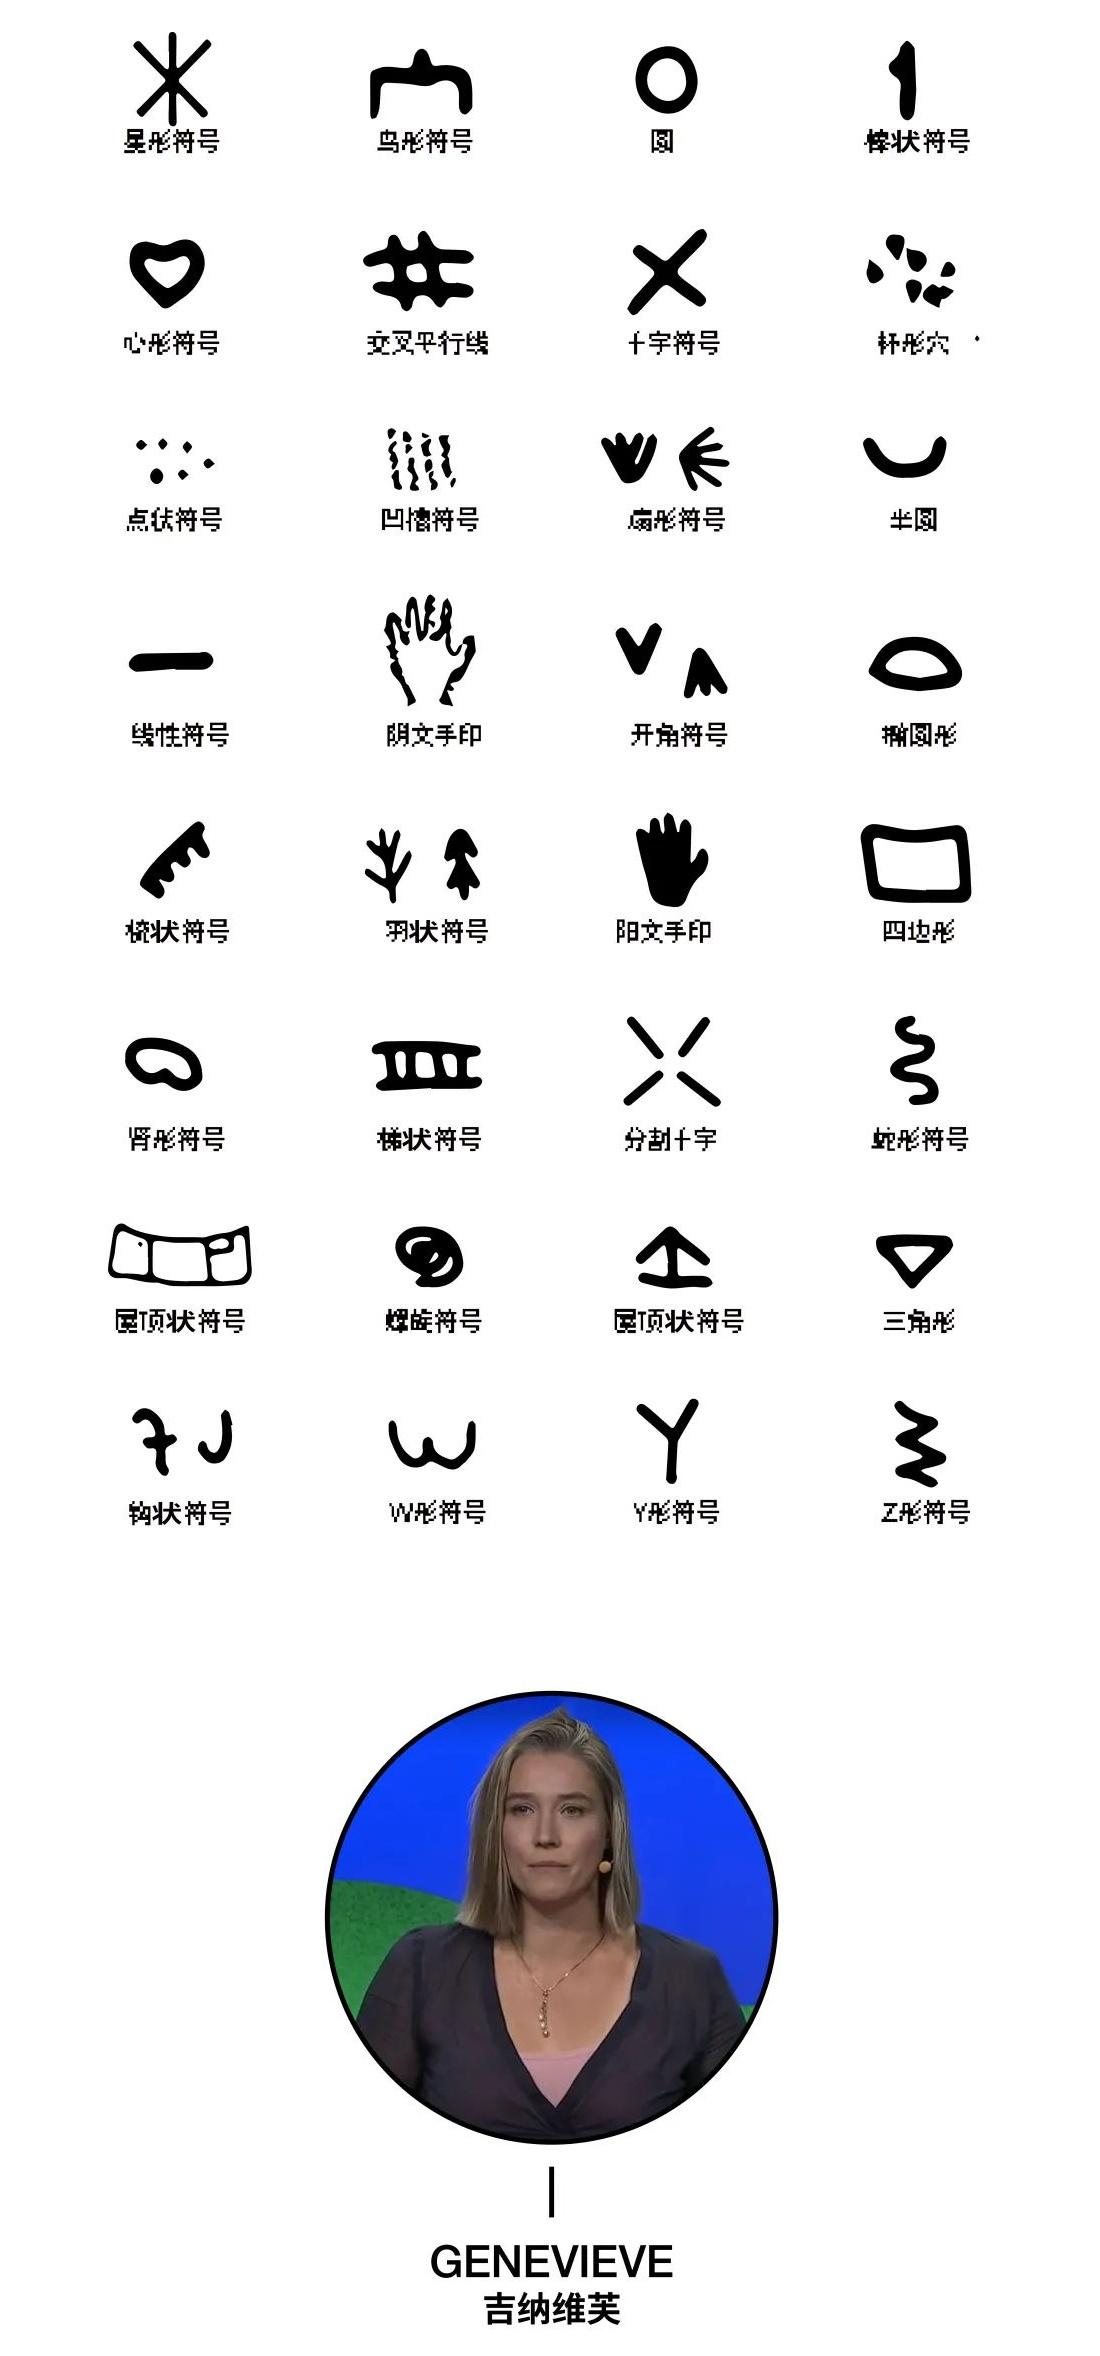 版式设计找不到灵感?学会图形符号超容易出效果!